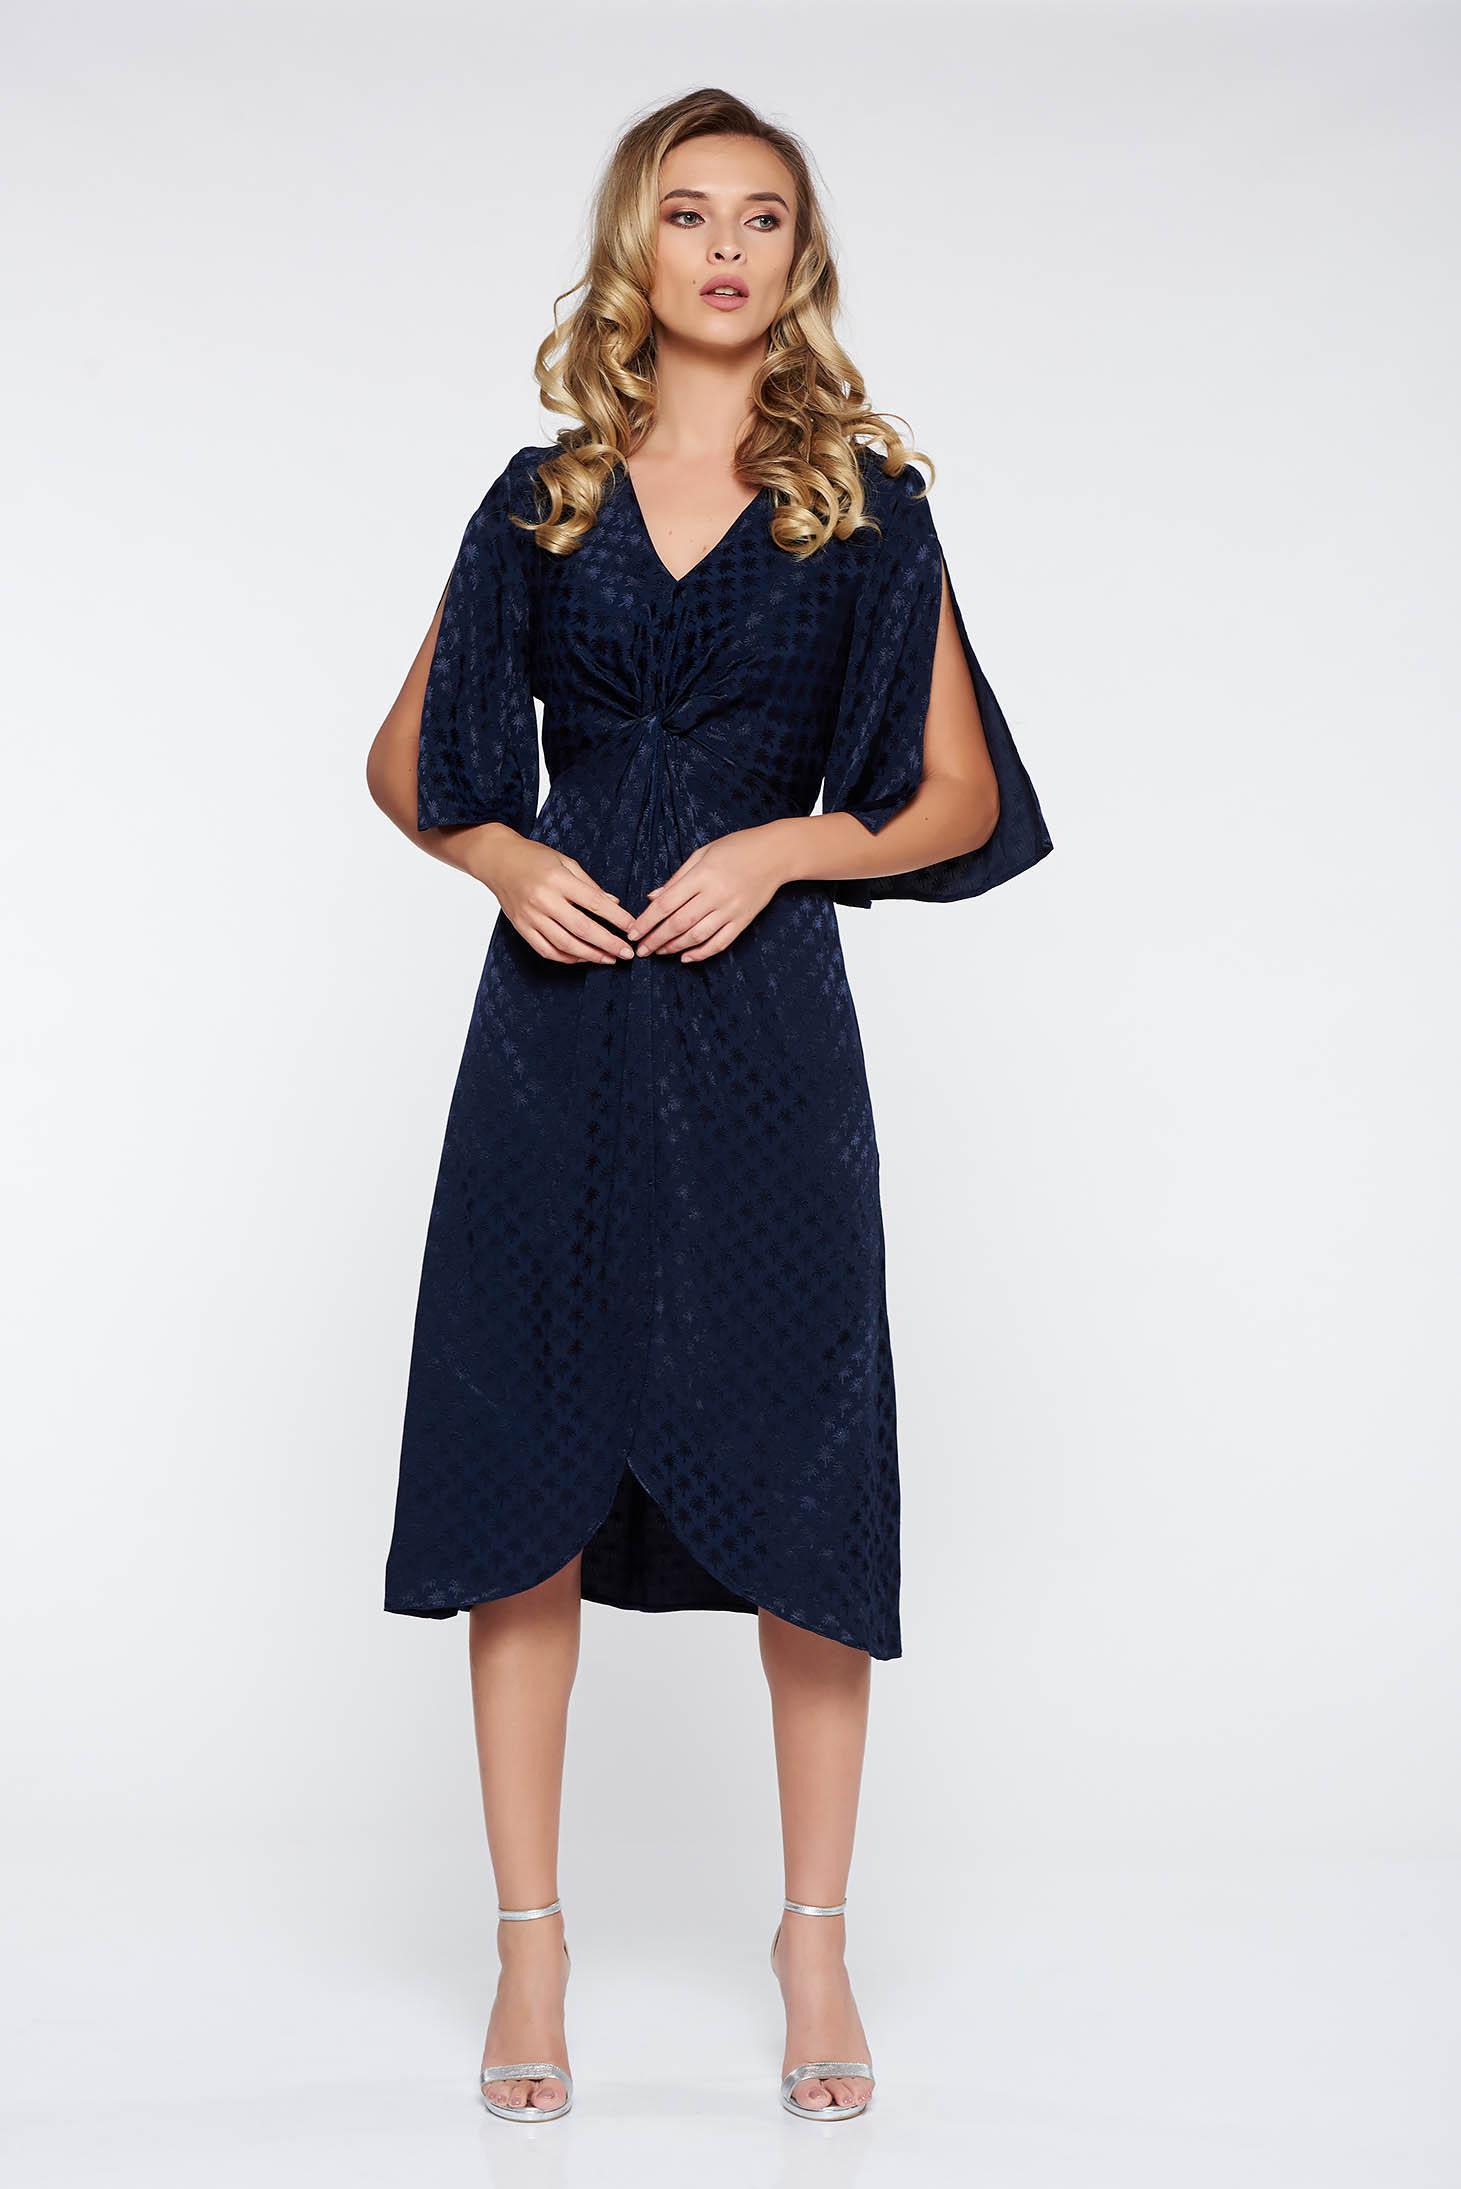 Rochie StarShinerS albastra-inchis eleganta asimetrica din material satinat cu decolteu in v si maneci decupate